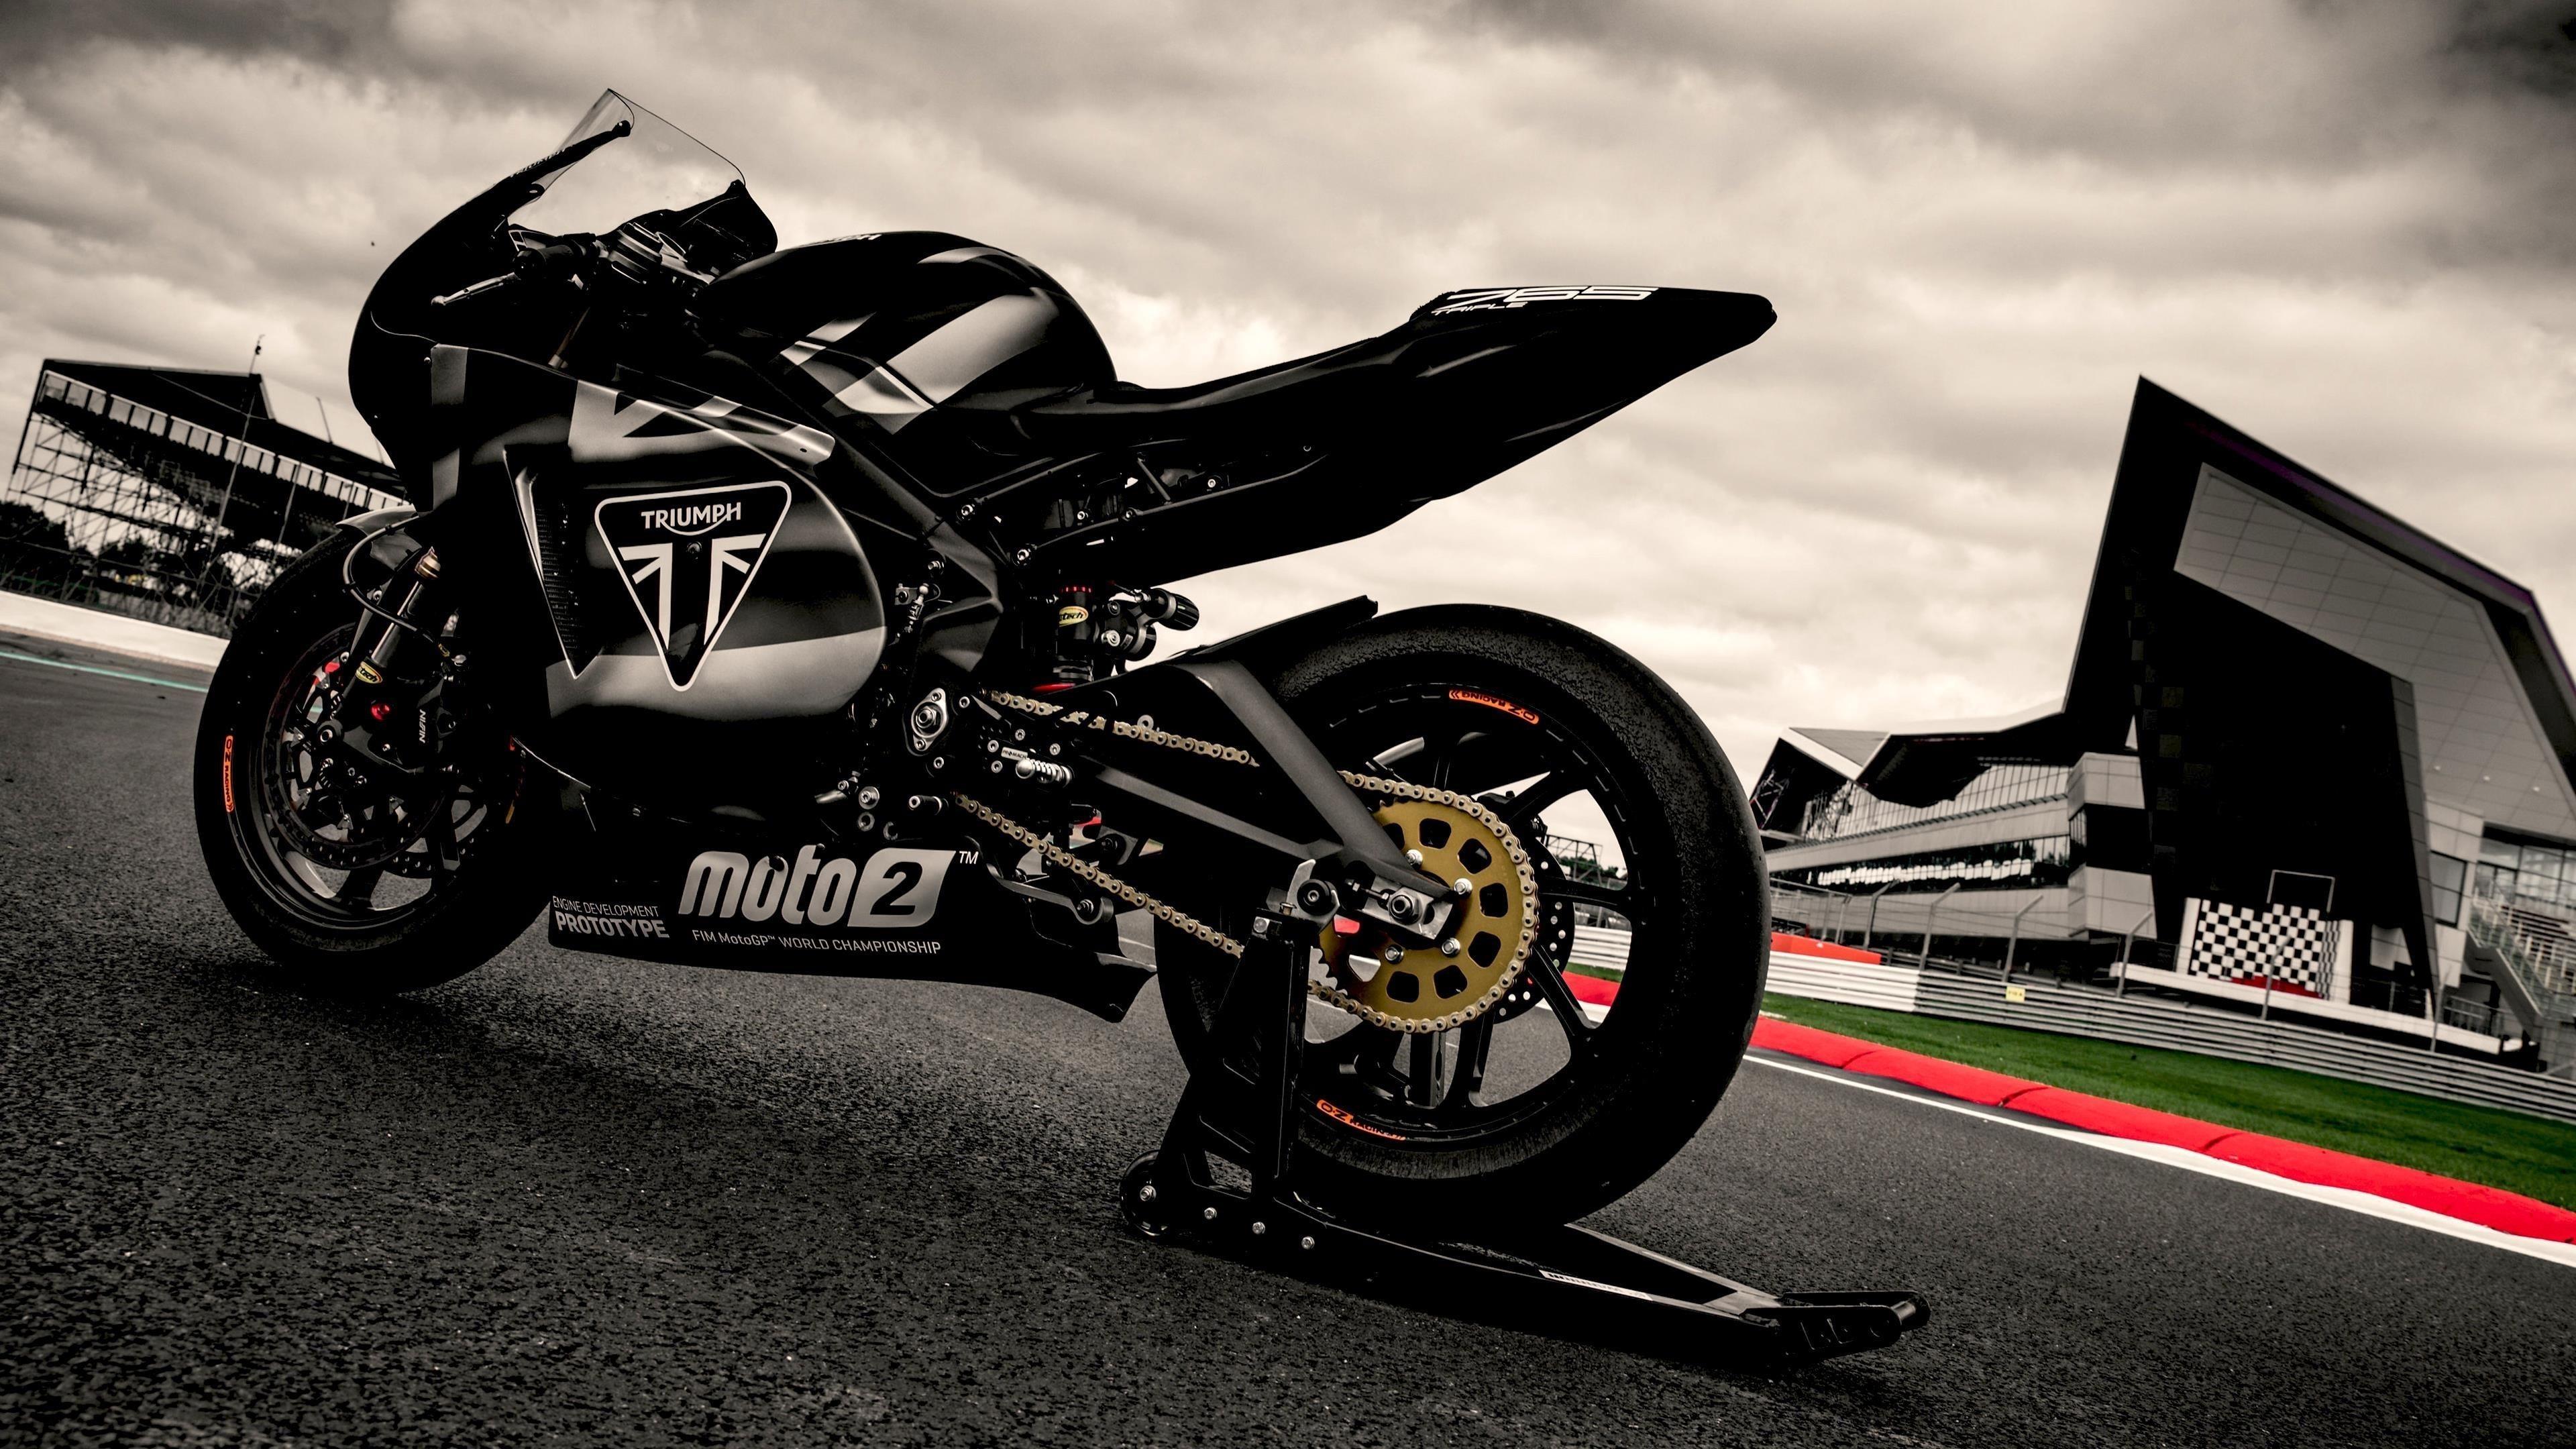 Прототип triumph daytona 765 moto2 обои скачать